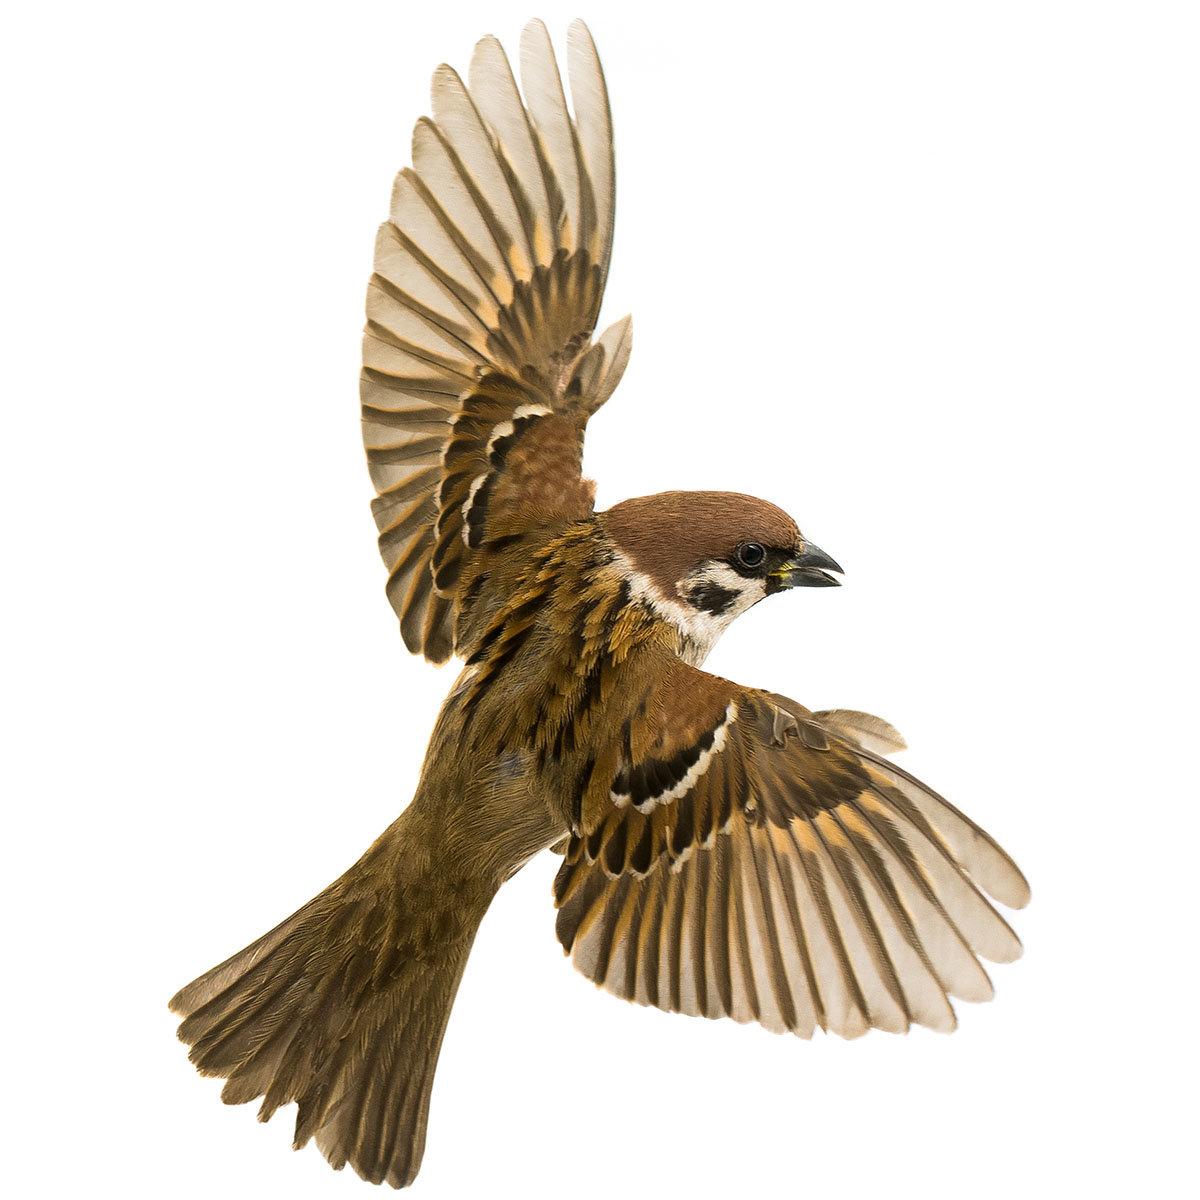 Ganzjahres-Meisenknödel für Wildvögel, ohne Netz, 6 Stück | #7